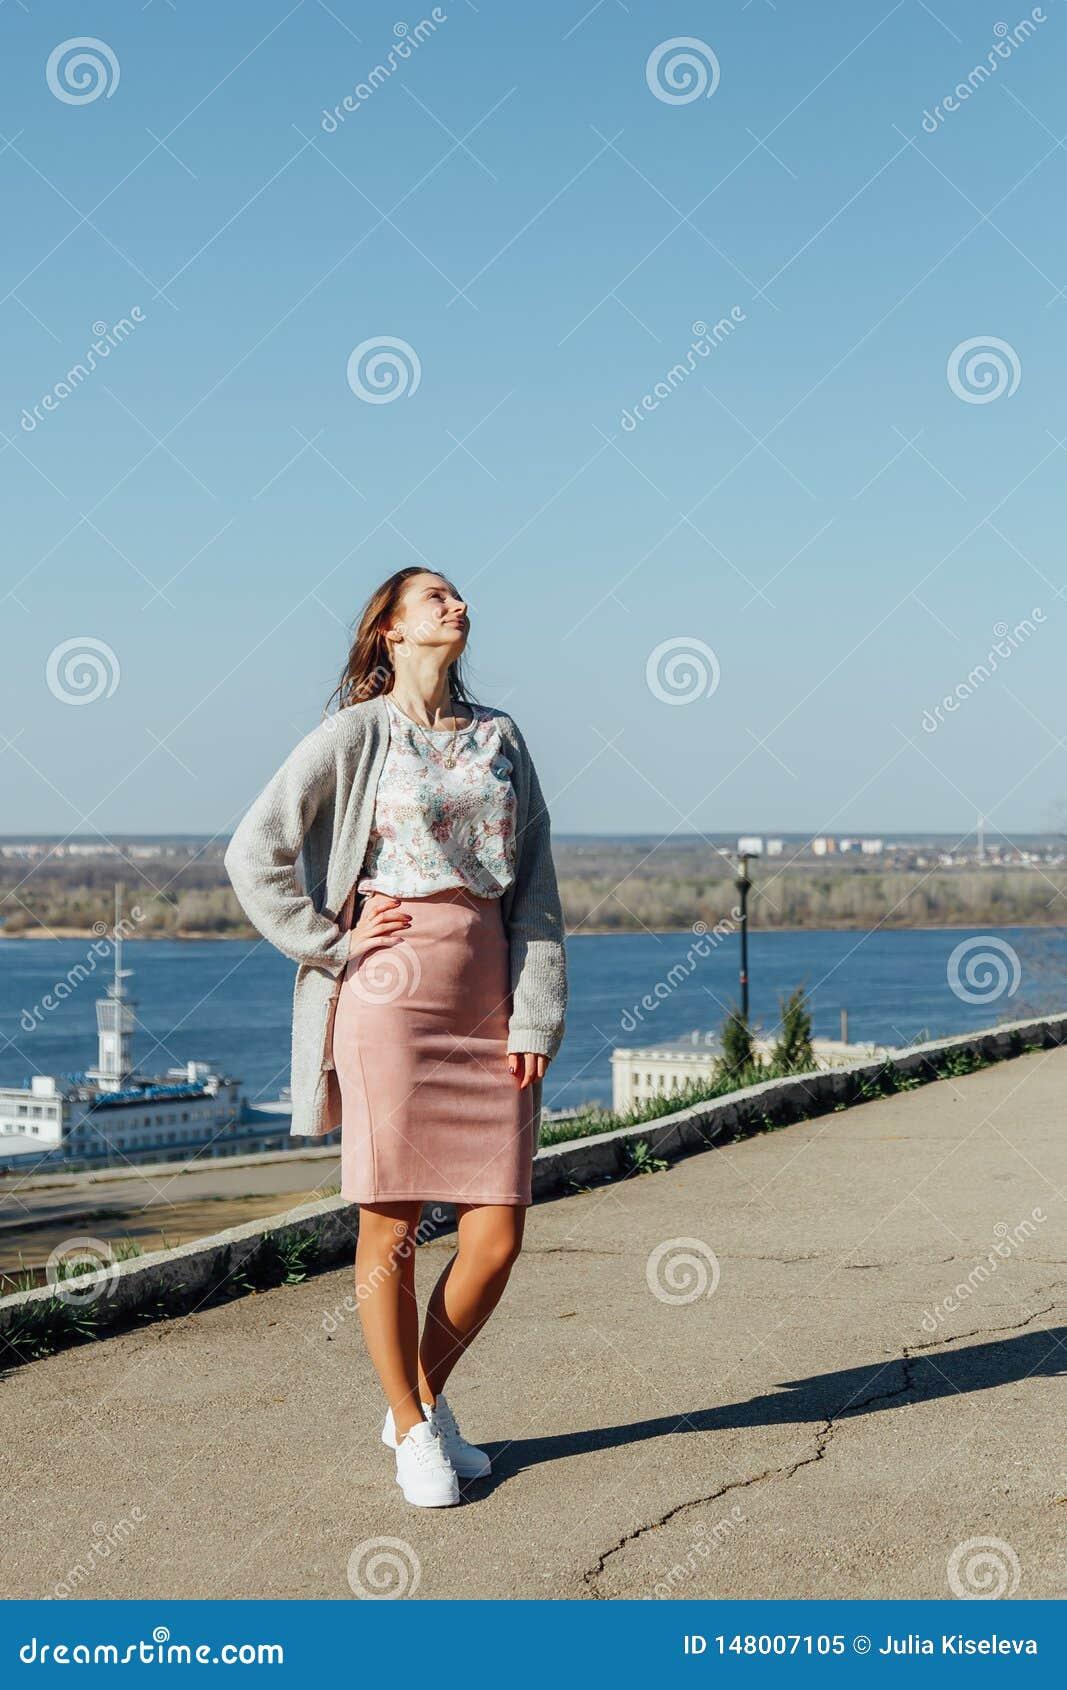 Όμορφη γυναίκα με μακρυμάλλη απολαμβάνοντας τη θέα πόλεων από τη γέφυρα μια ηλιόλουστη ημέρα